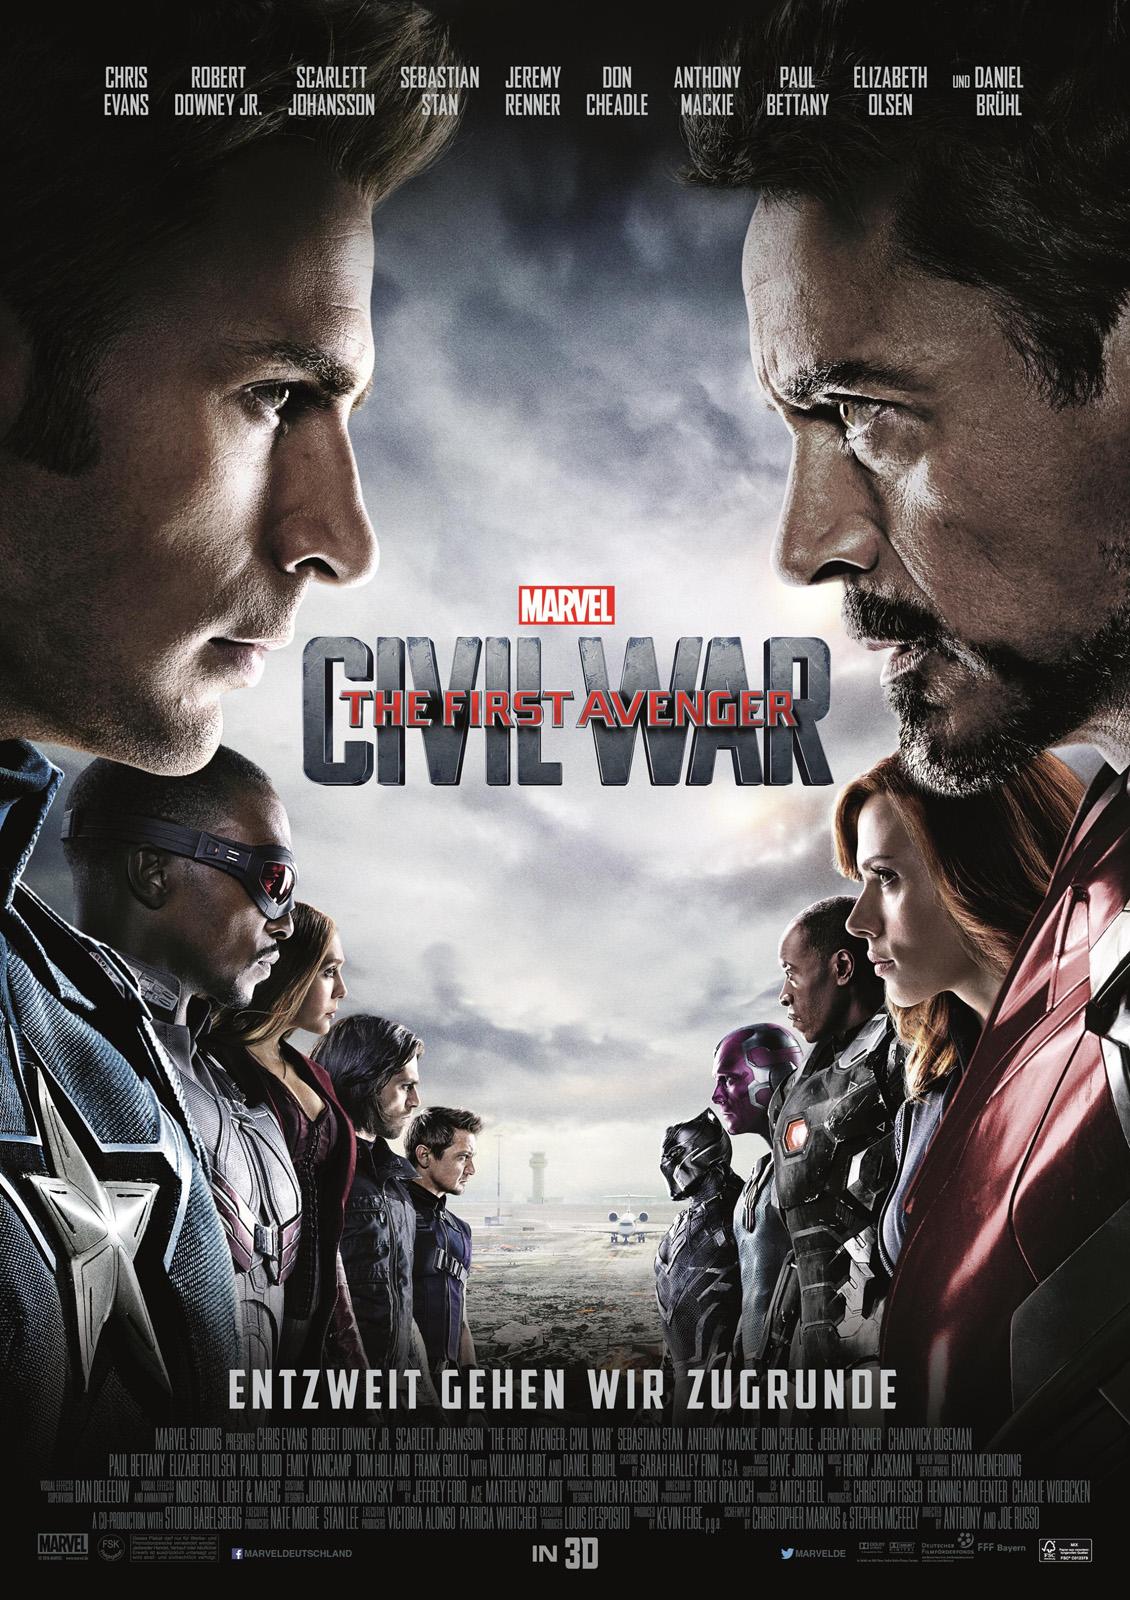 The First Avenger Civil War   Film 20   FILMSTARTS.de